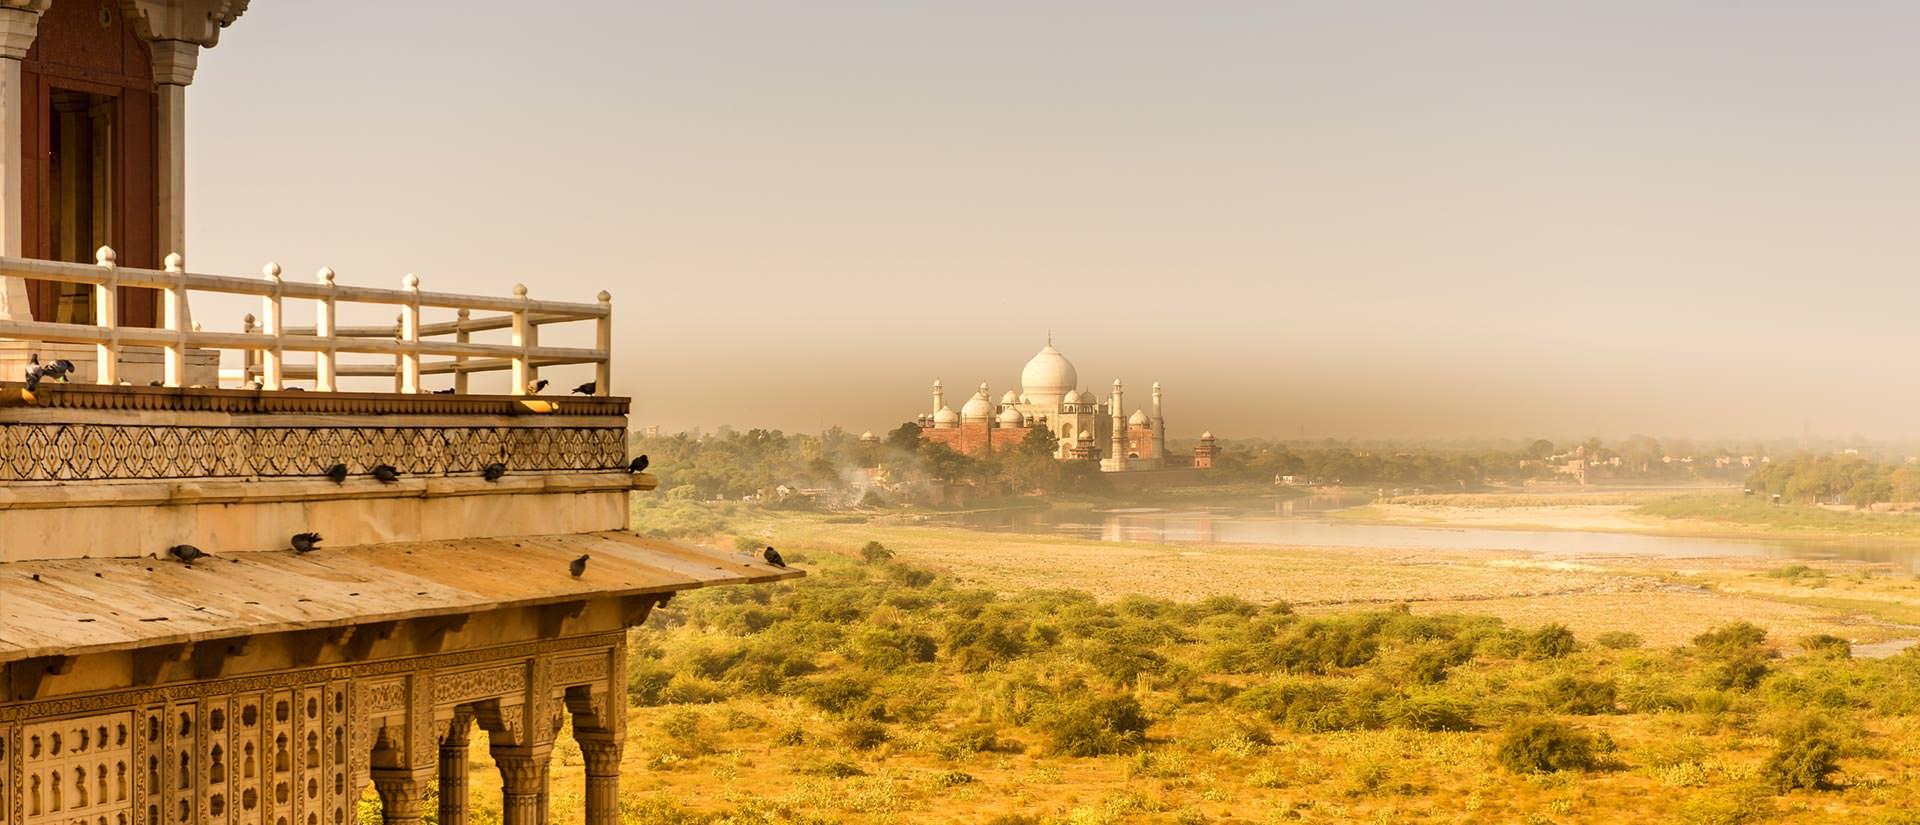 מידע שימושי למטייל בהודו